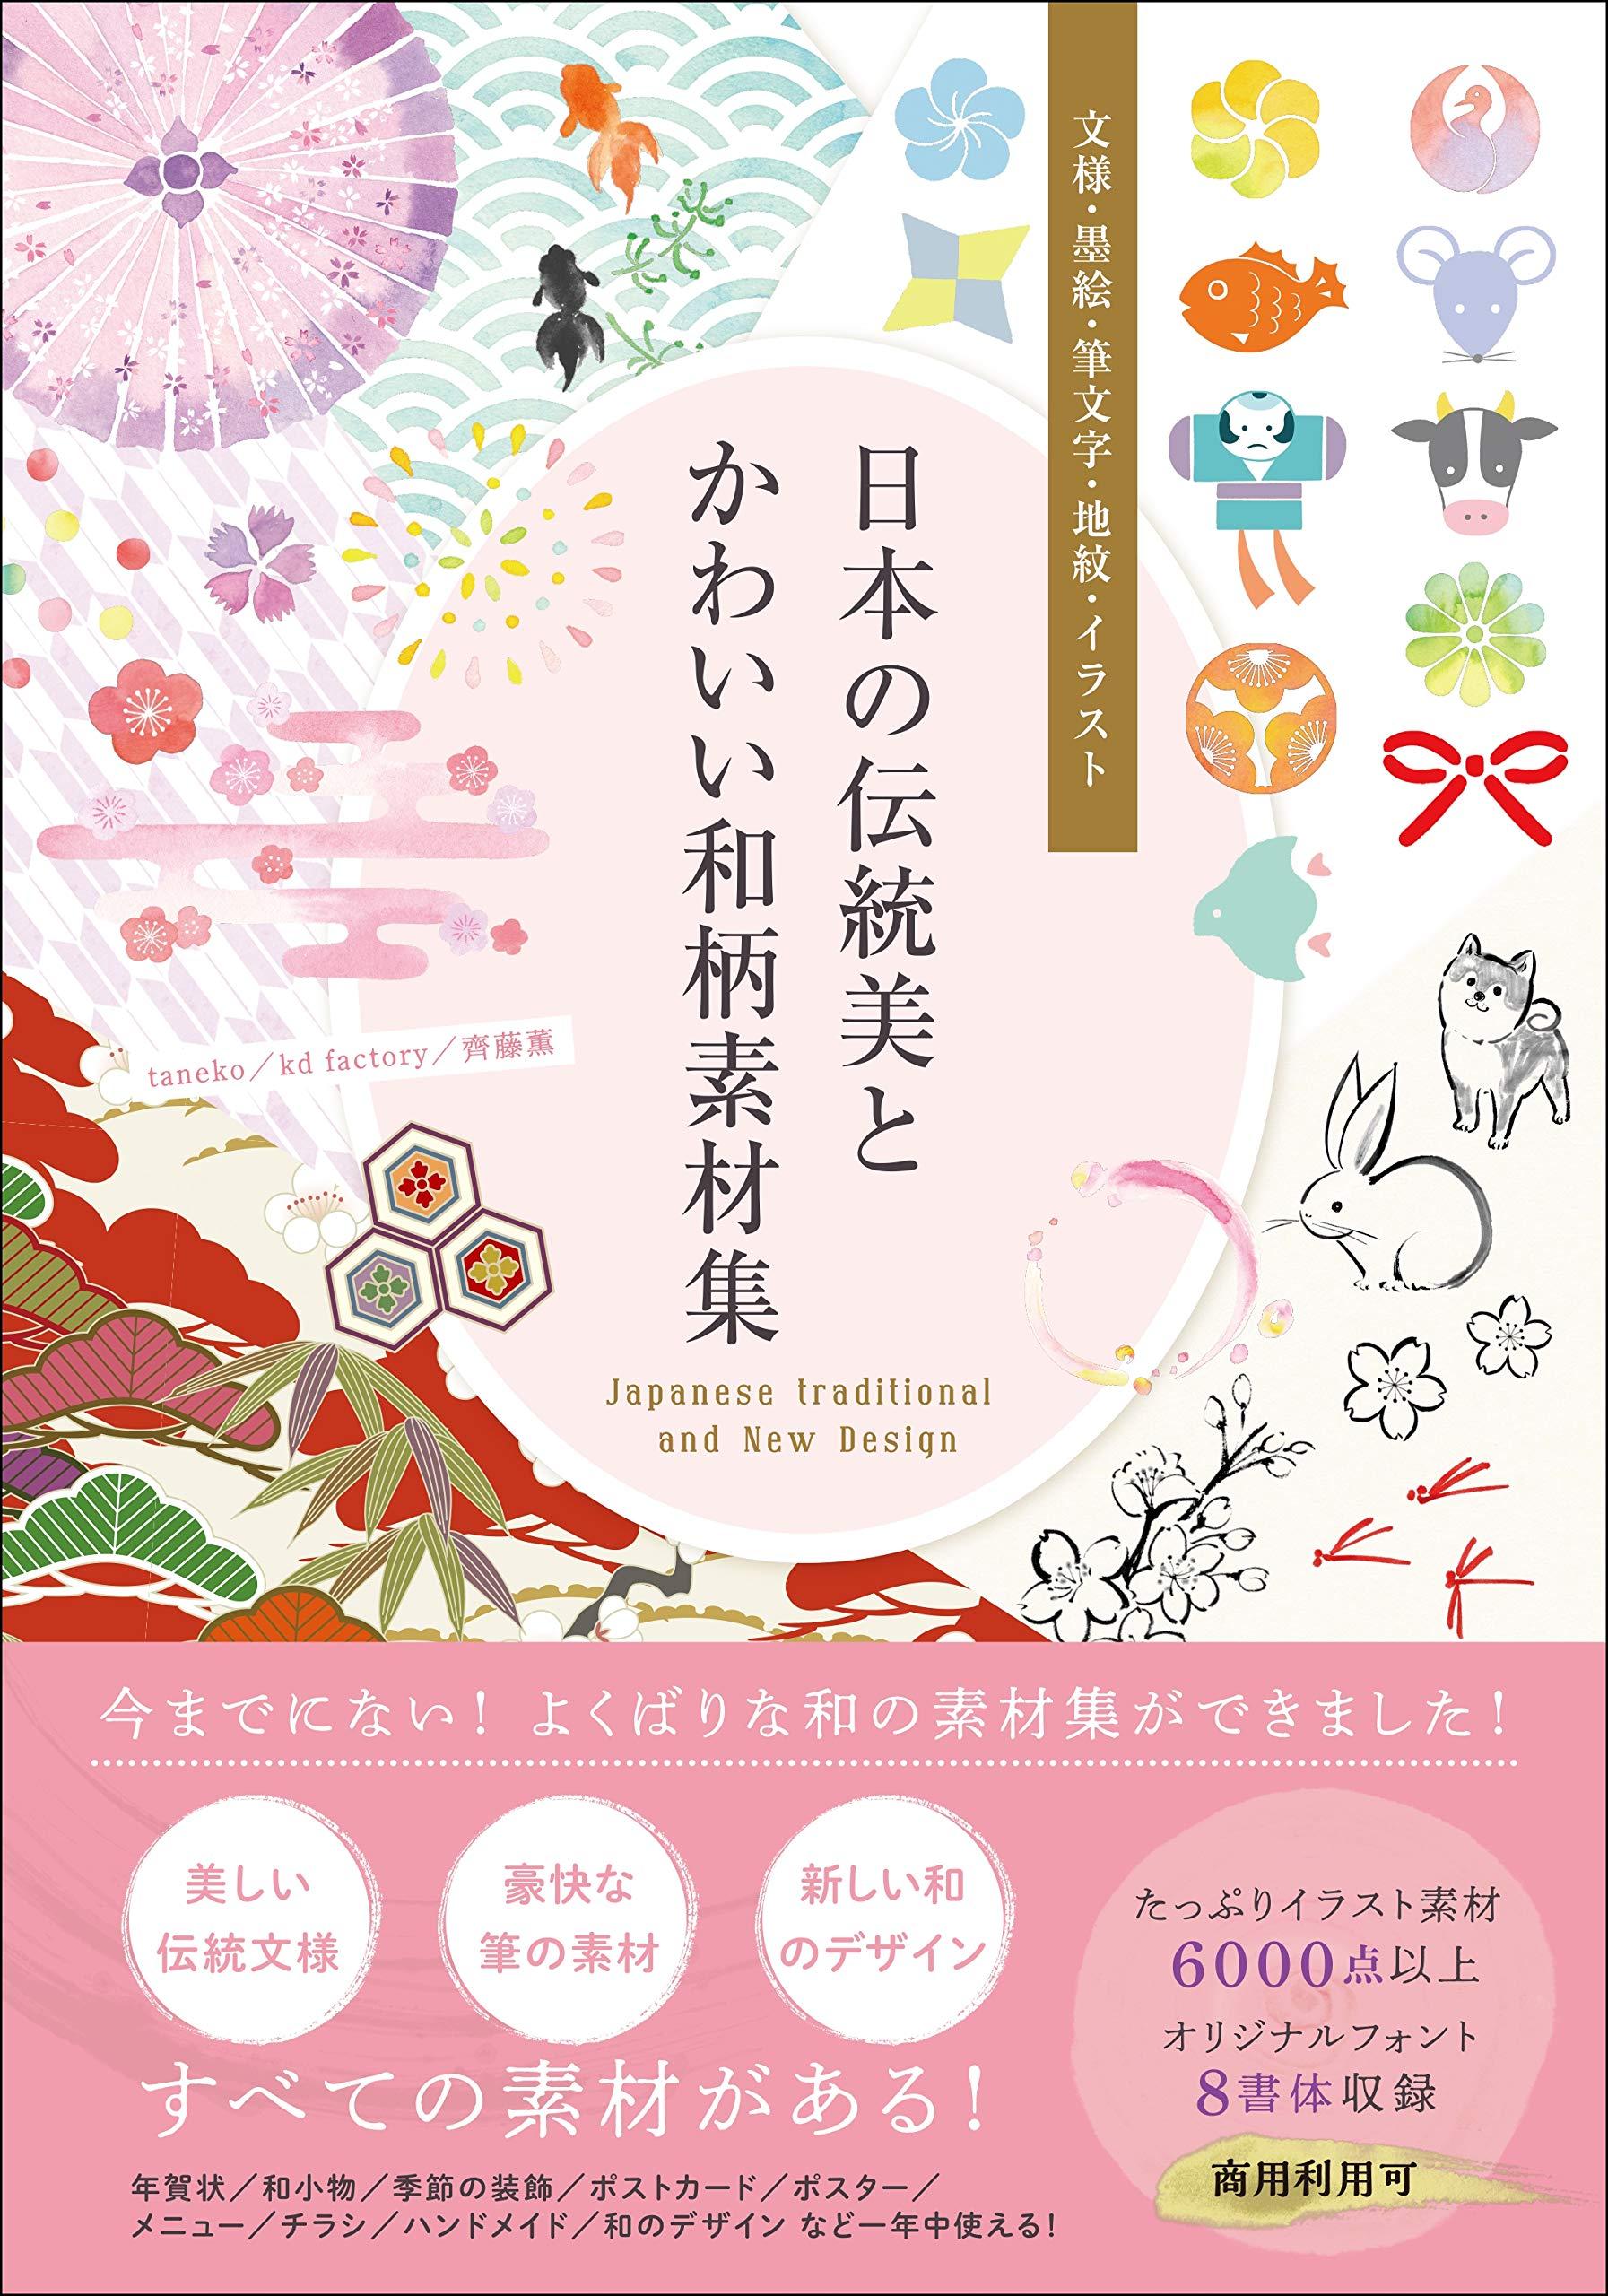 日本の伝統美とかわいい和柄素材集 文様 墨絵 筆文字 地紋 イラスト Kd Factory Taneko 齊藤薫 本 通販 Amazon